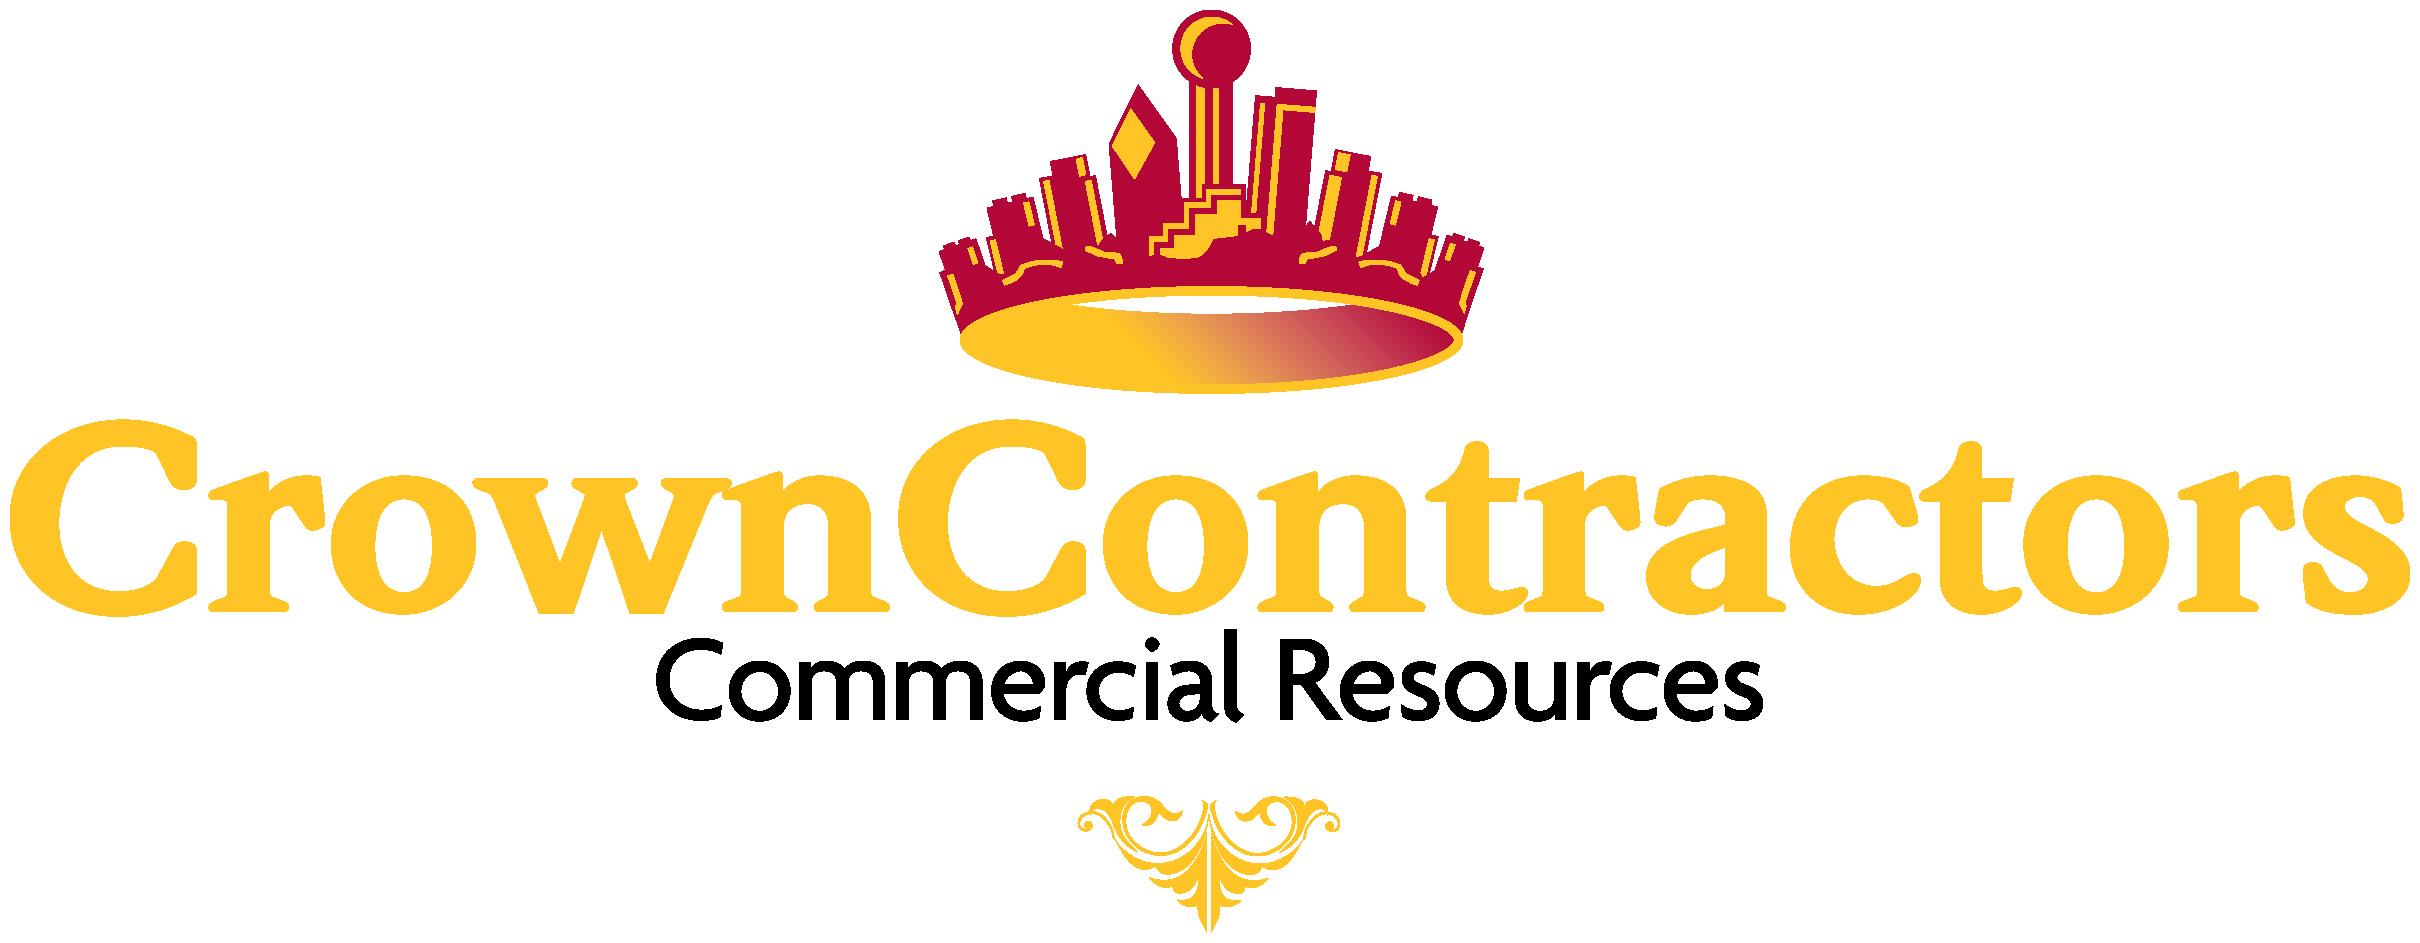 Crown Contractors logo